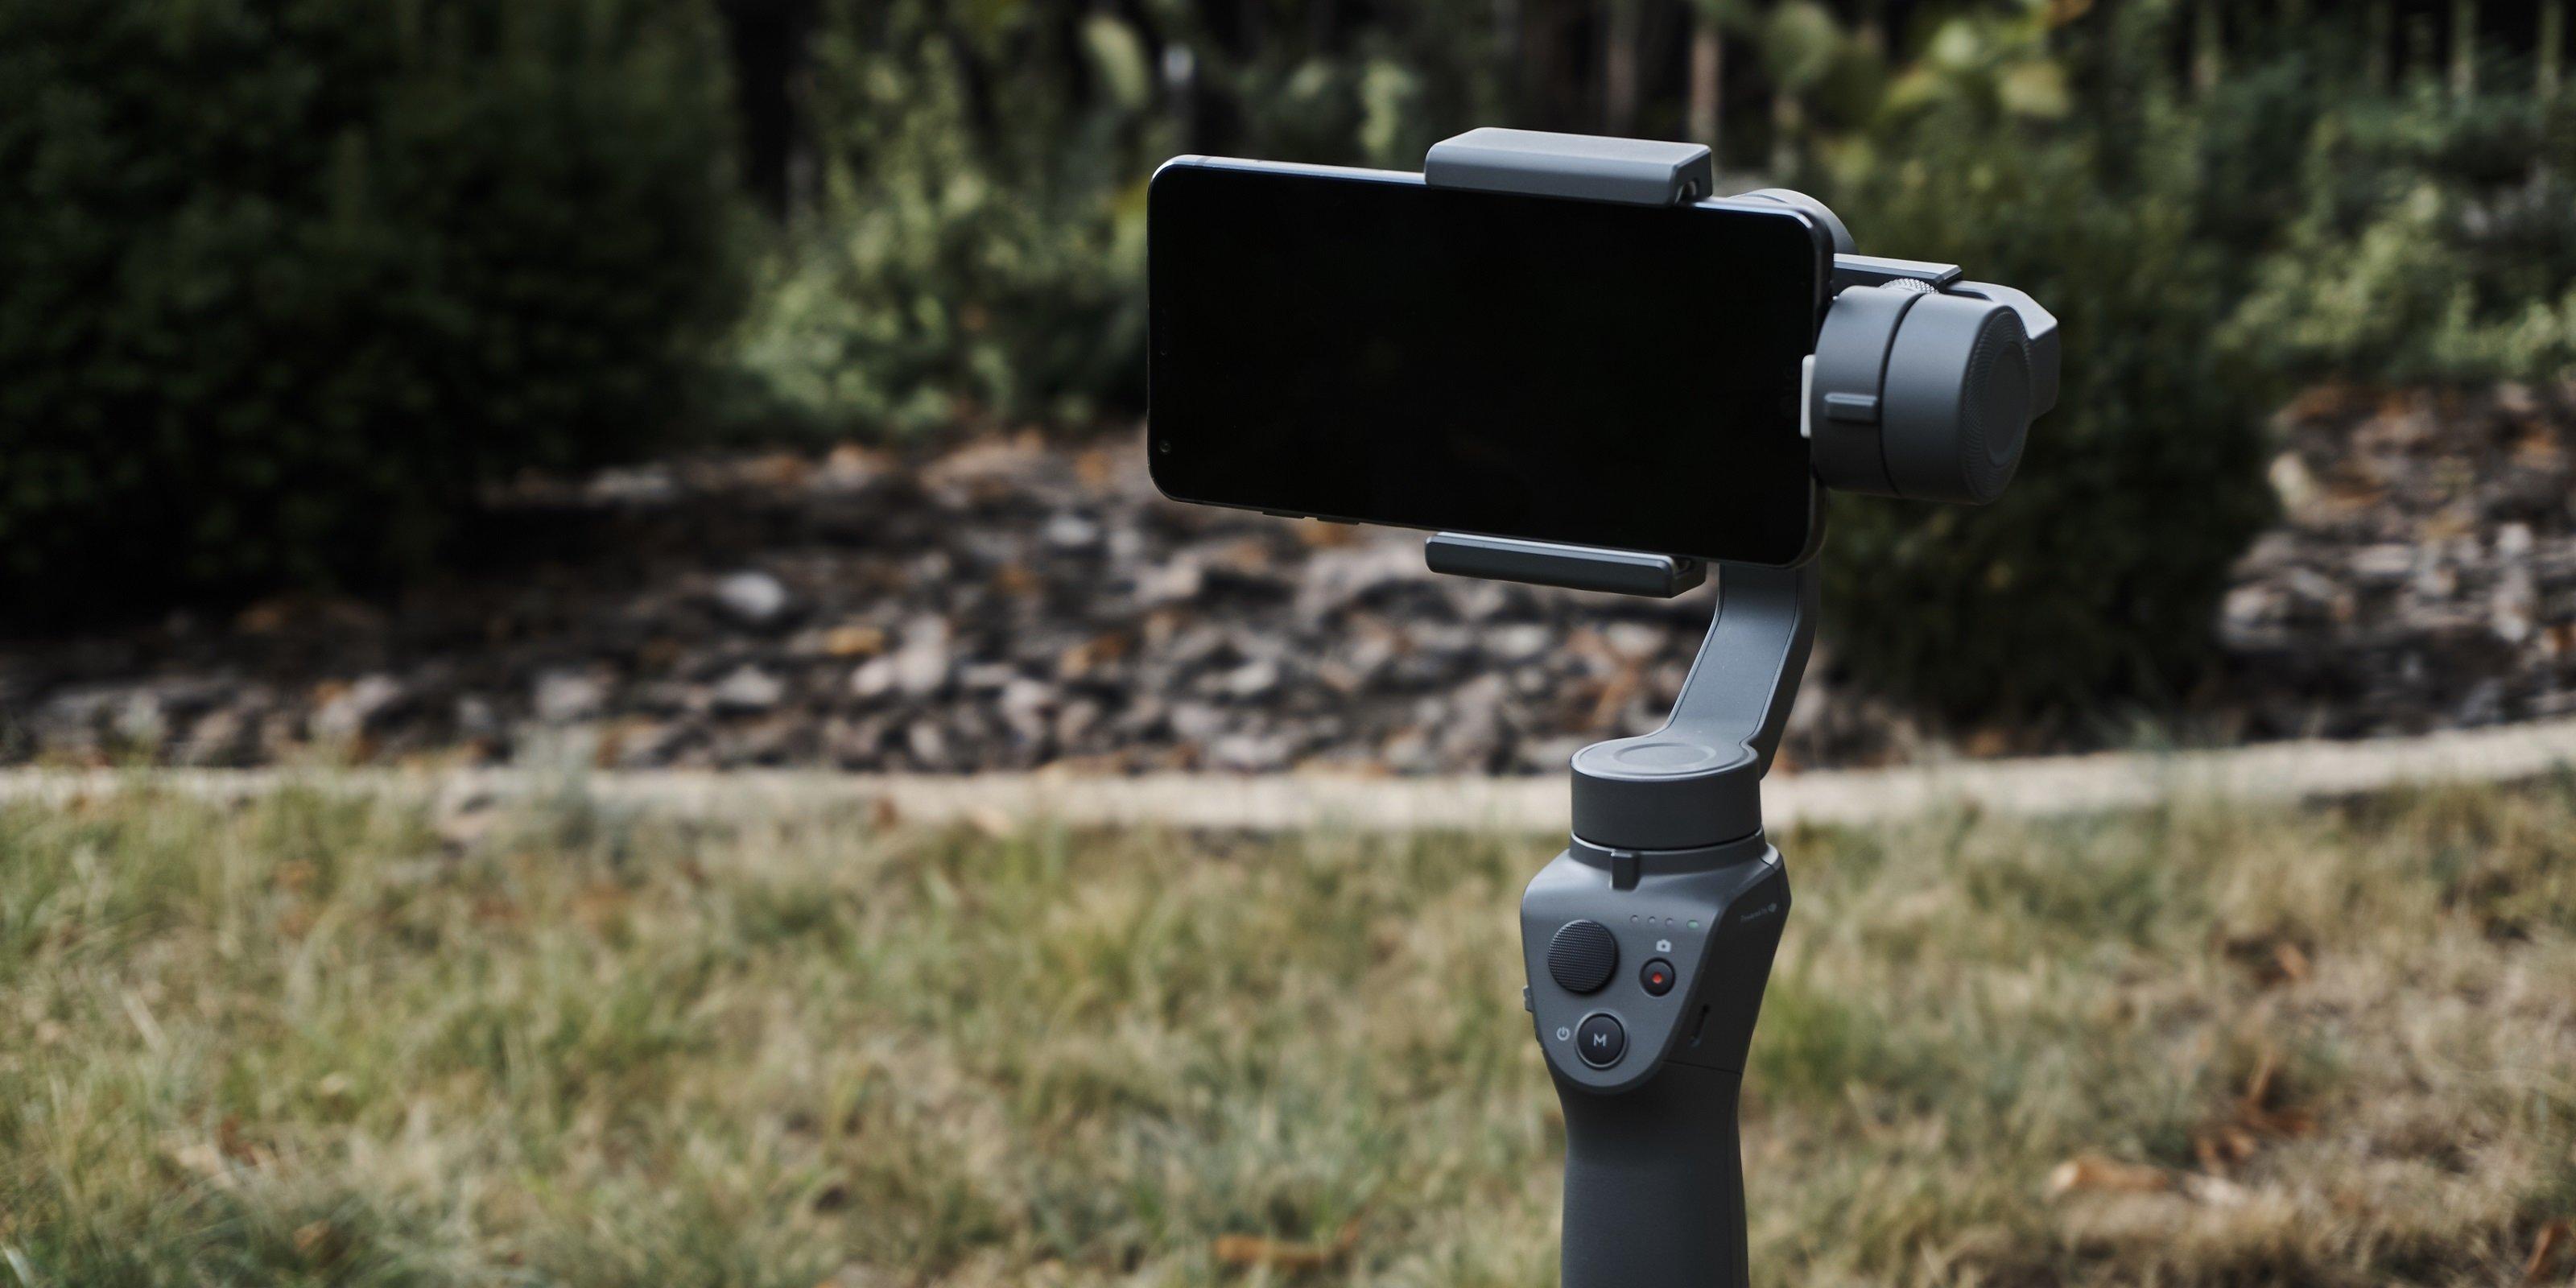 DJI Osmo Mobile 2 - gimbal kontra amator smartfonowej stabilizacji (recenzja) 21